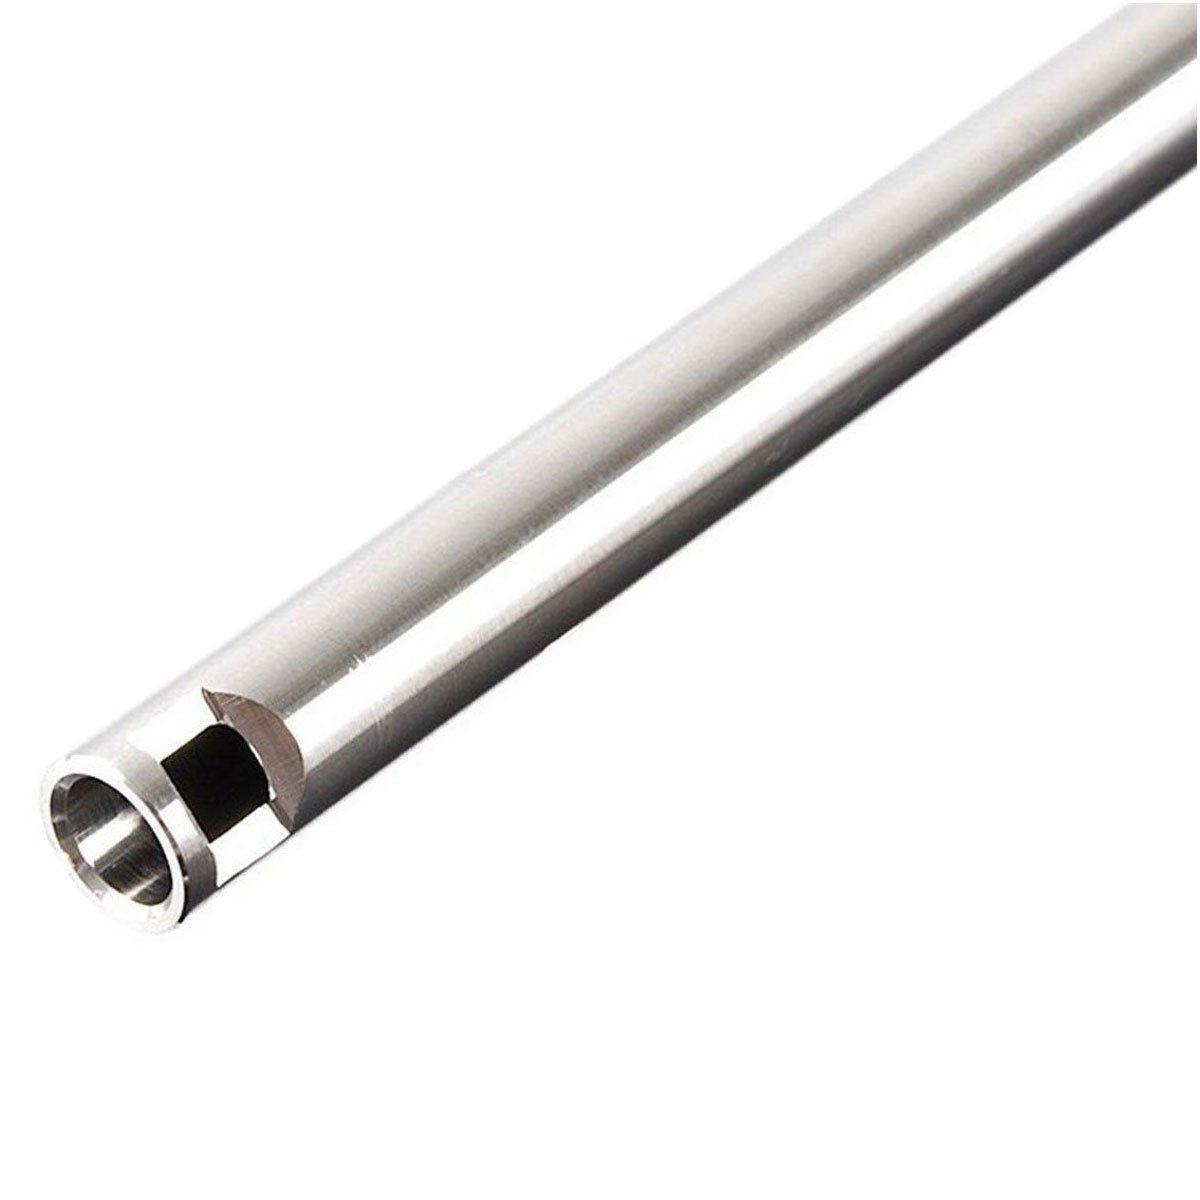 Cano de Precisão em Aço Inox 450mm 6.03mm PPS